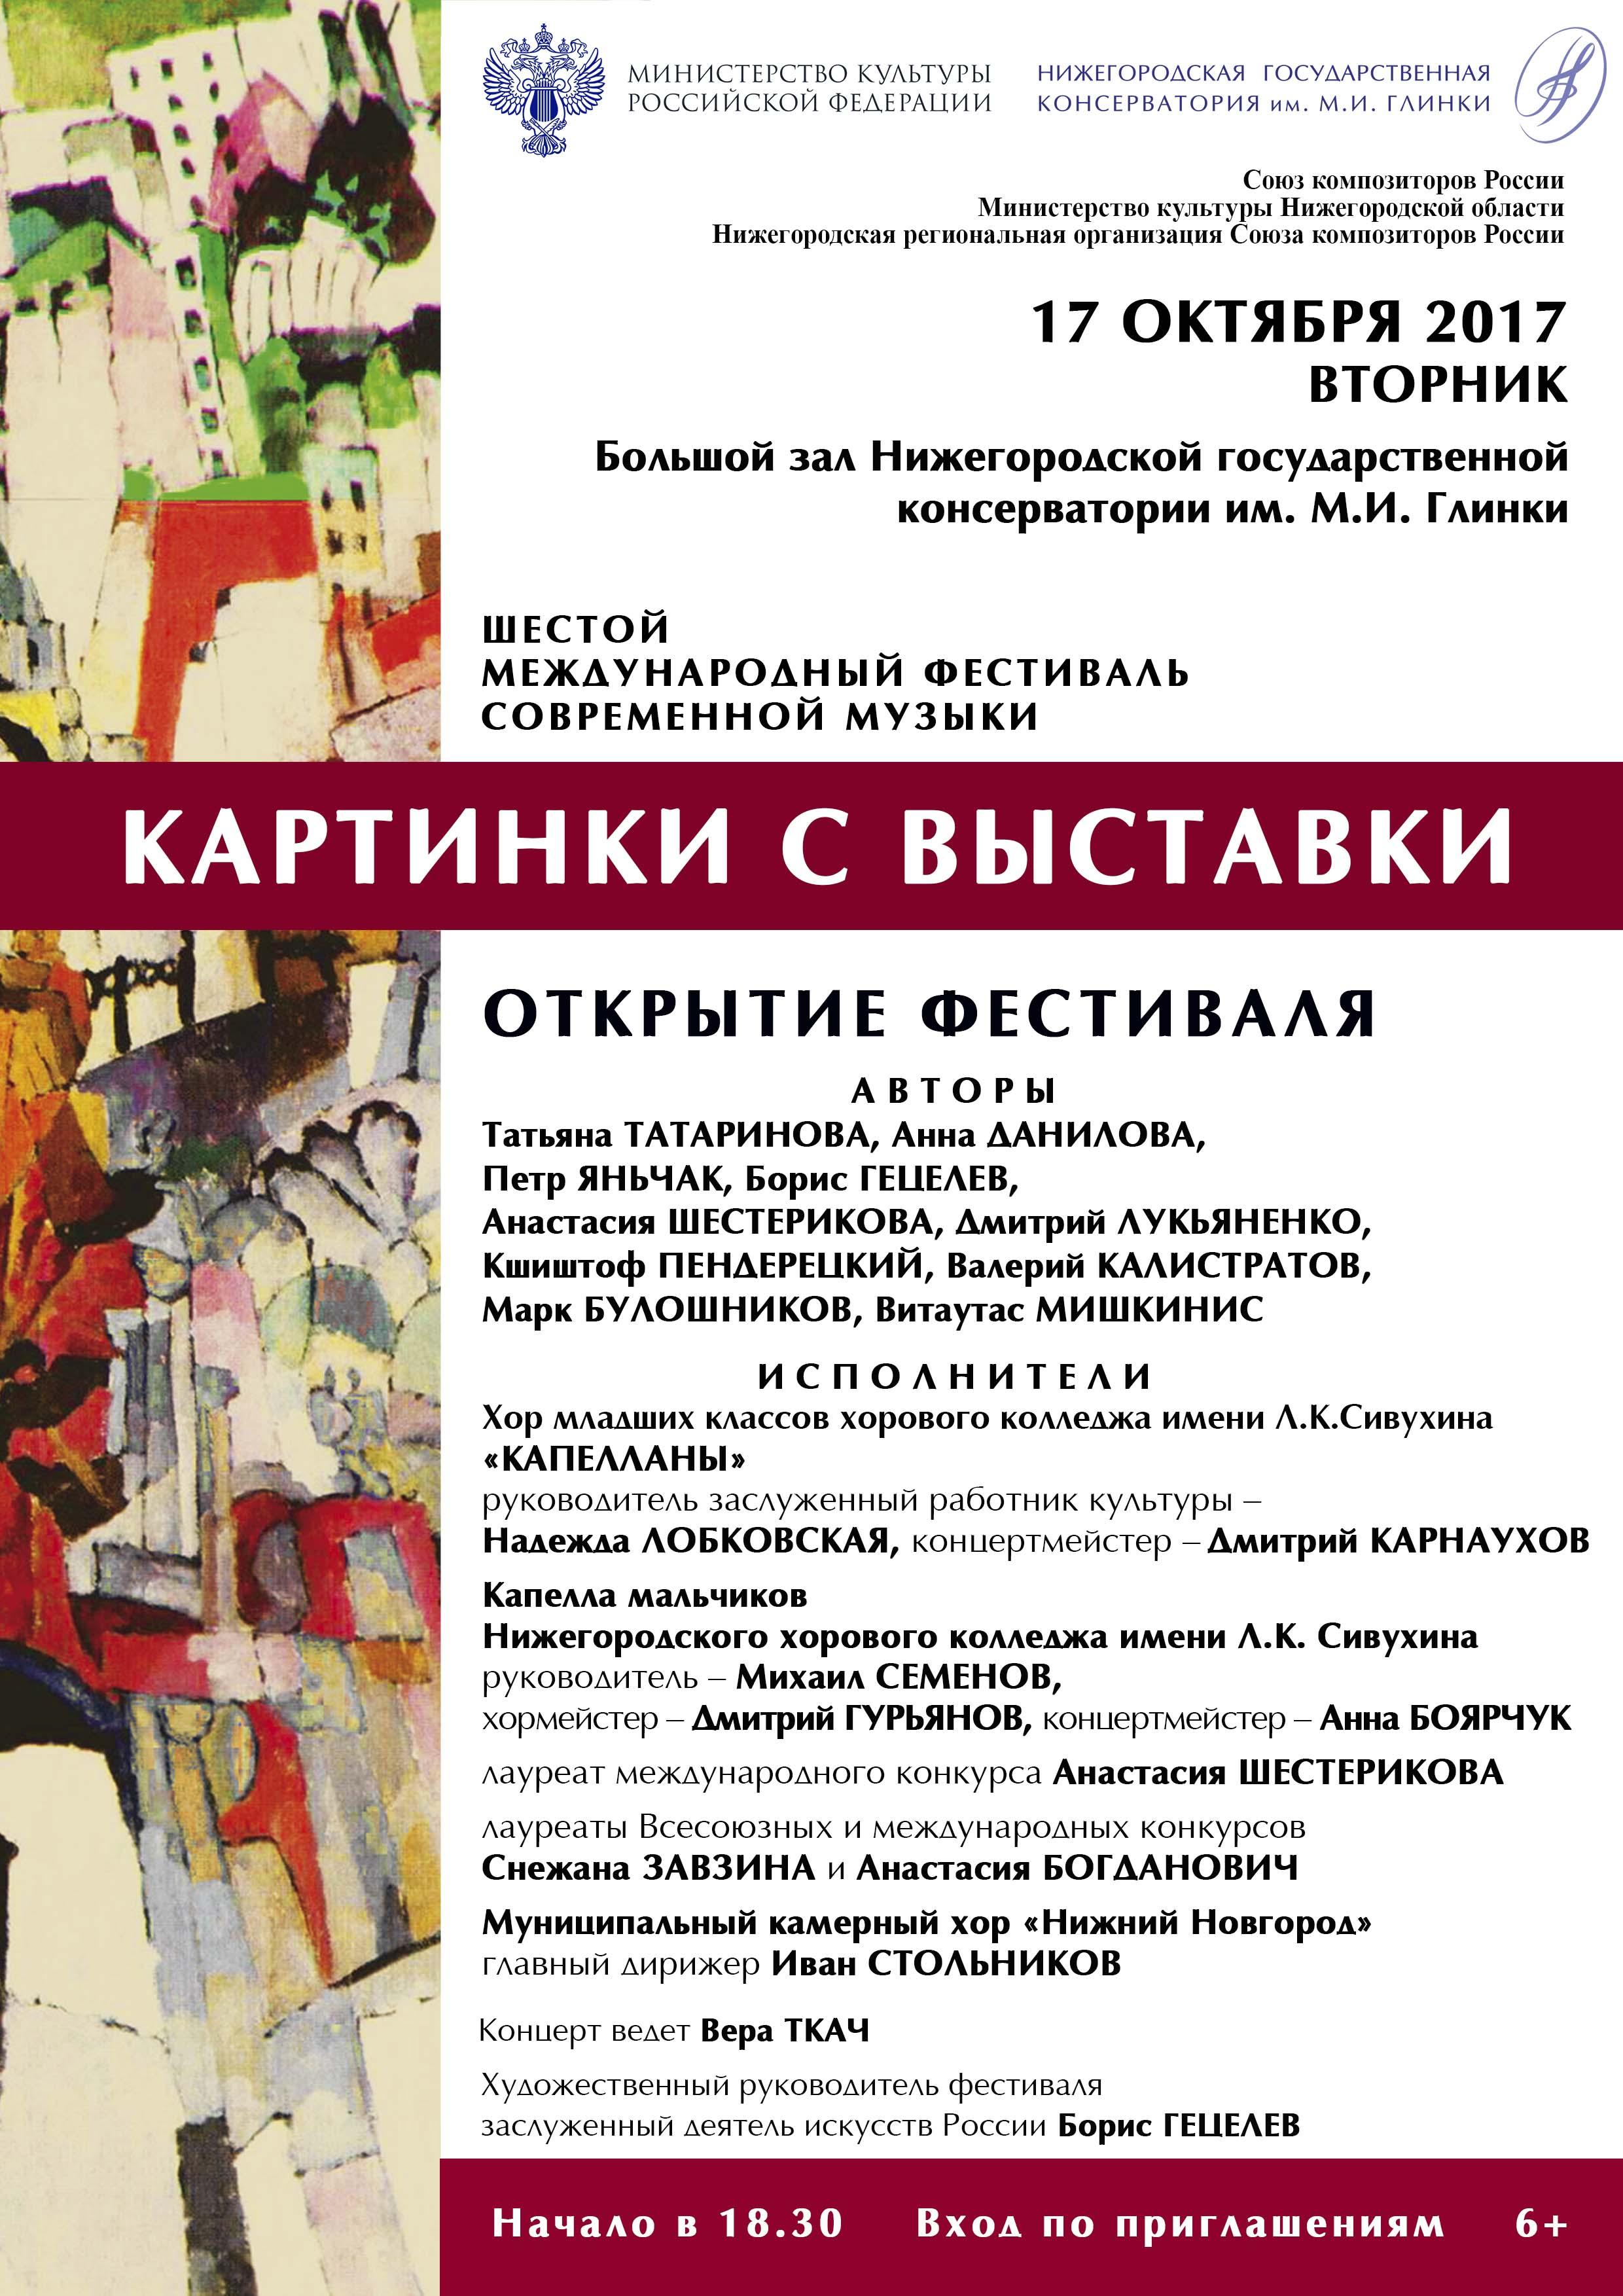 """Открытие Международного фестиваля современной музыки """"Картинки с выставки"""""""